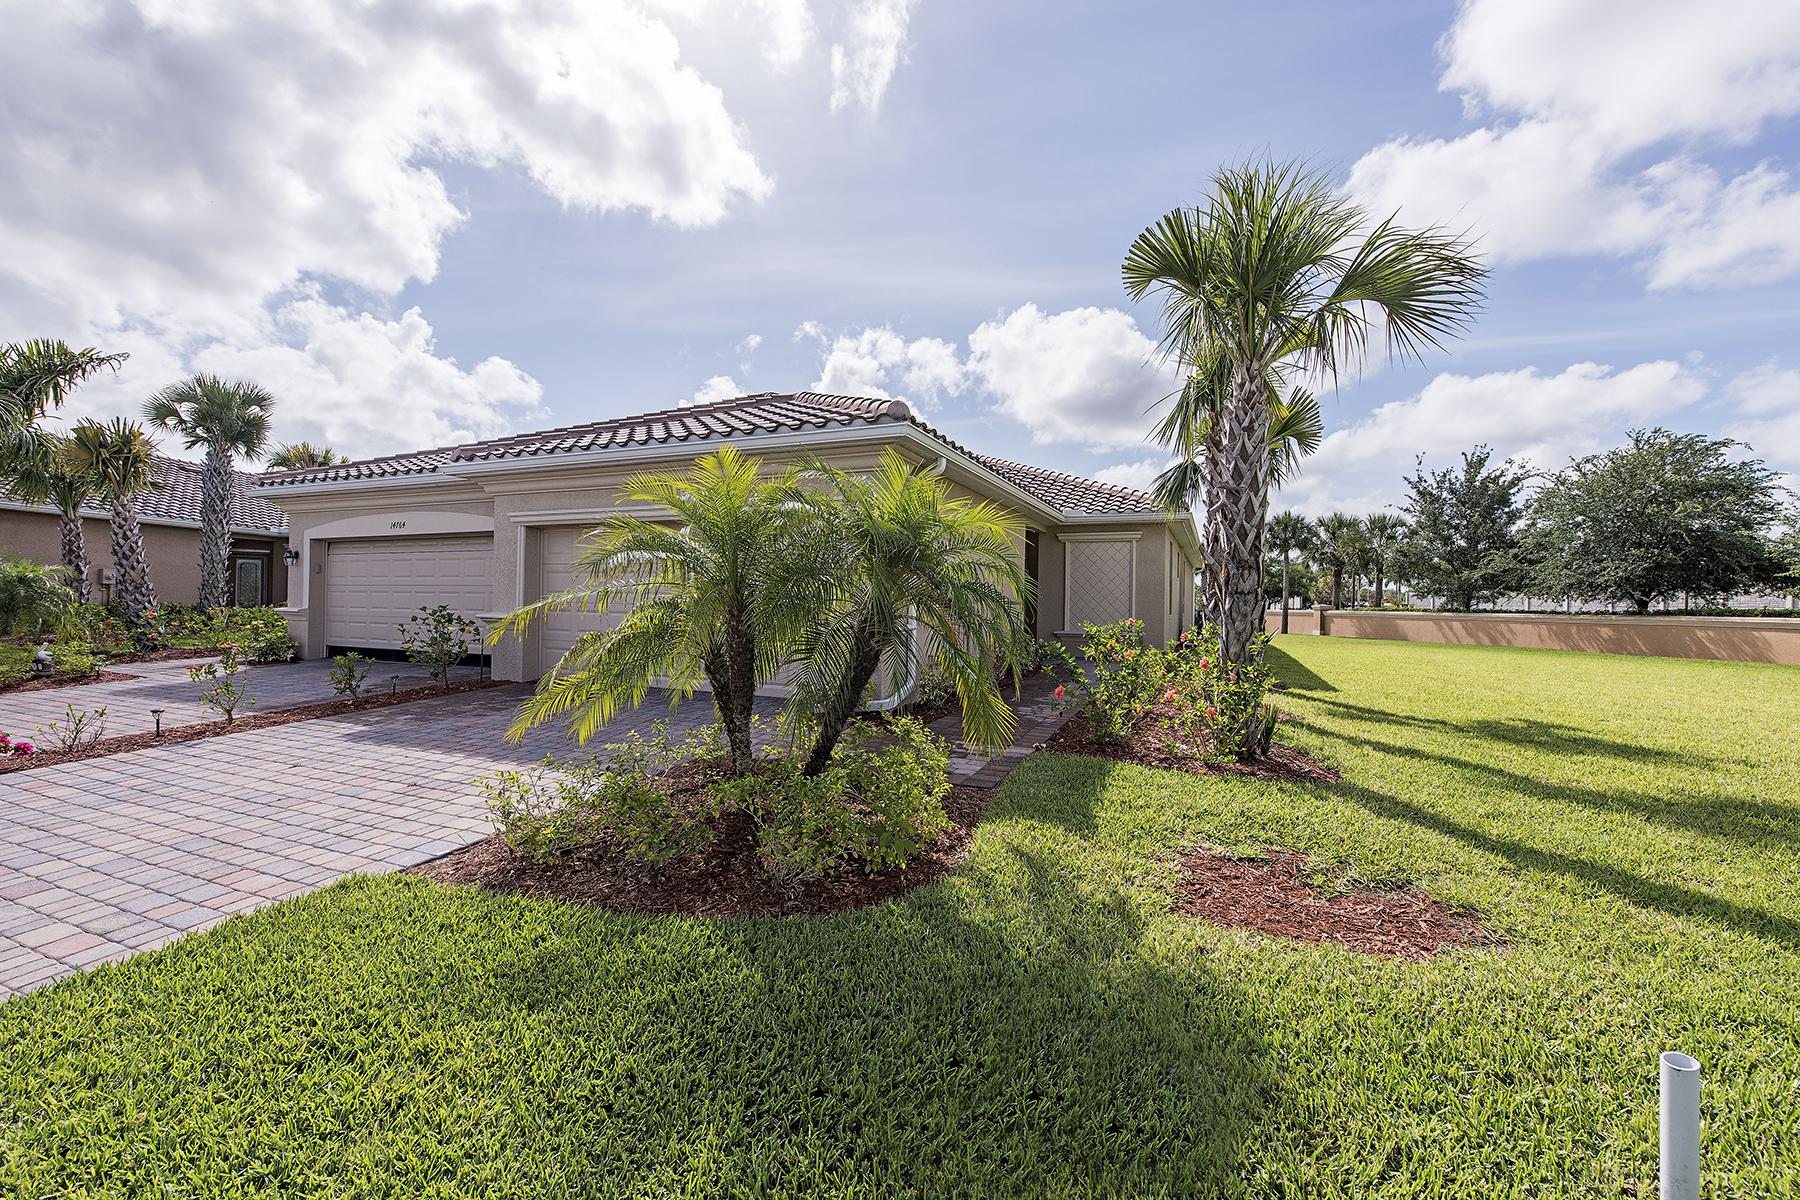 タウンハウス のために 売買 アット NAPLES - REFLECTION LAKES 14768 Cranberry Ct Naples, フロリダ 34114 アメリカ合衆国